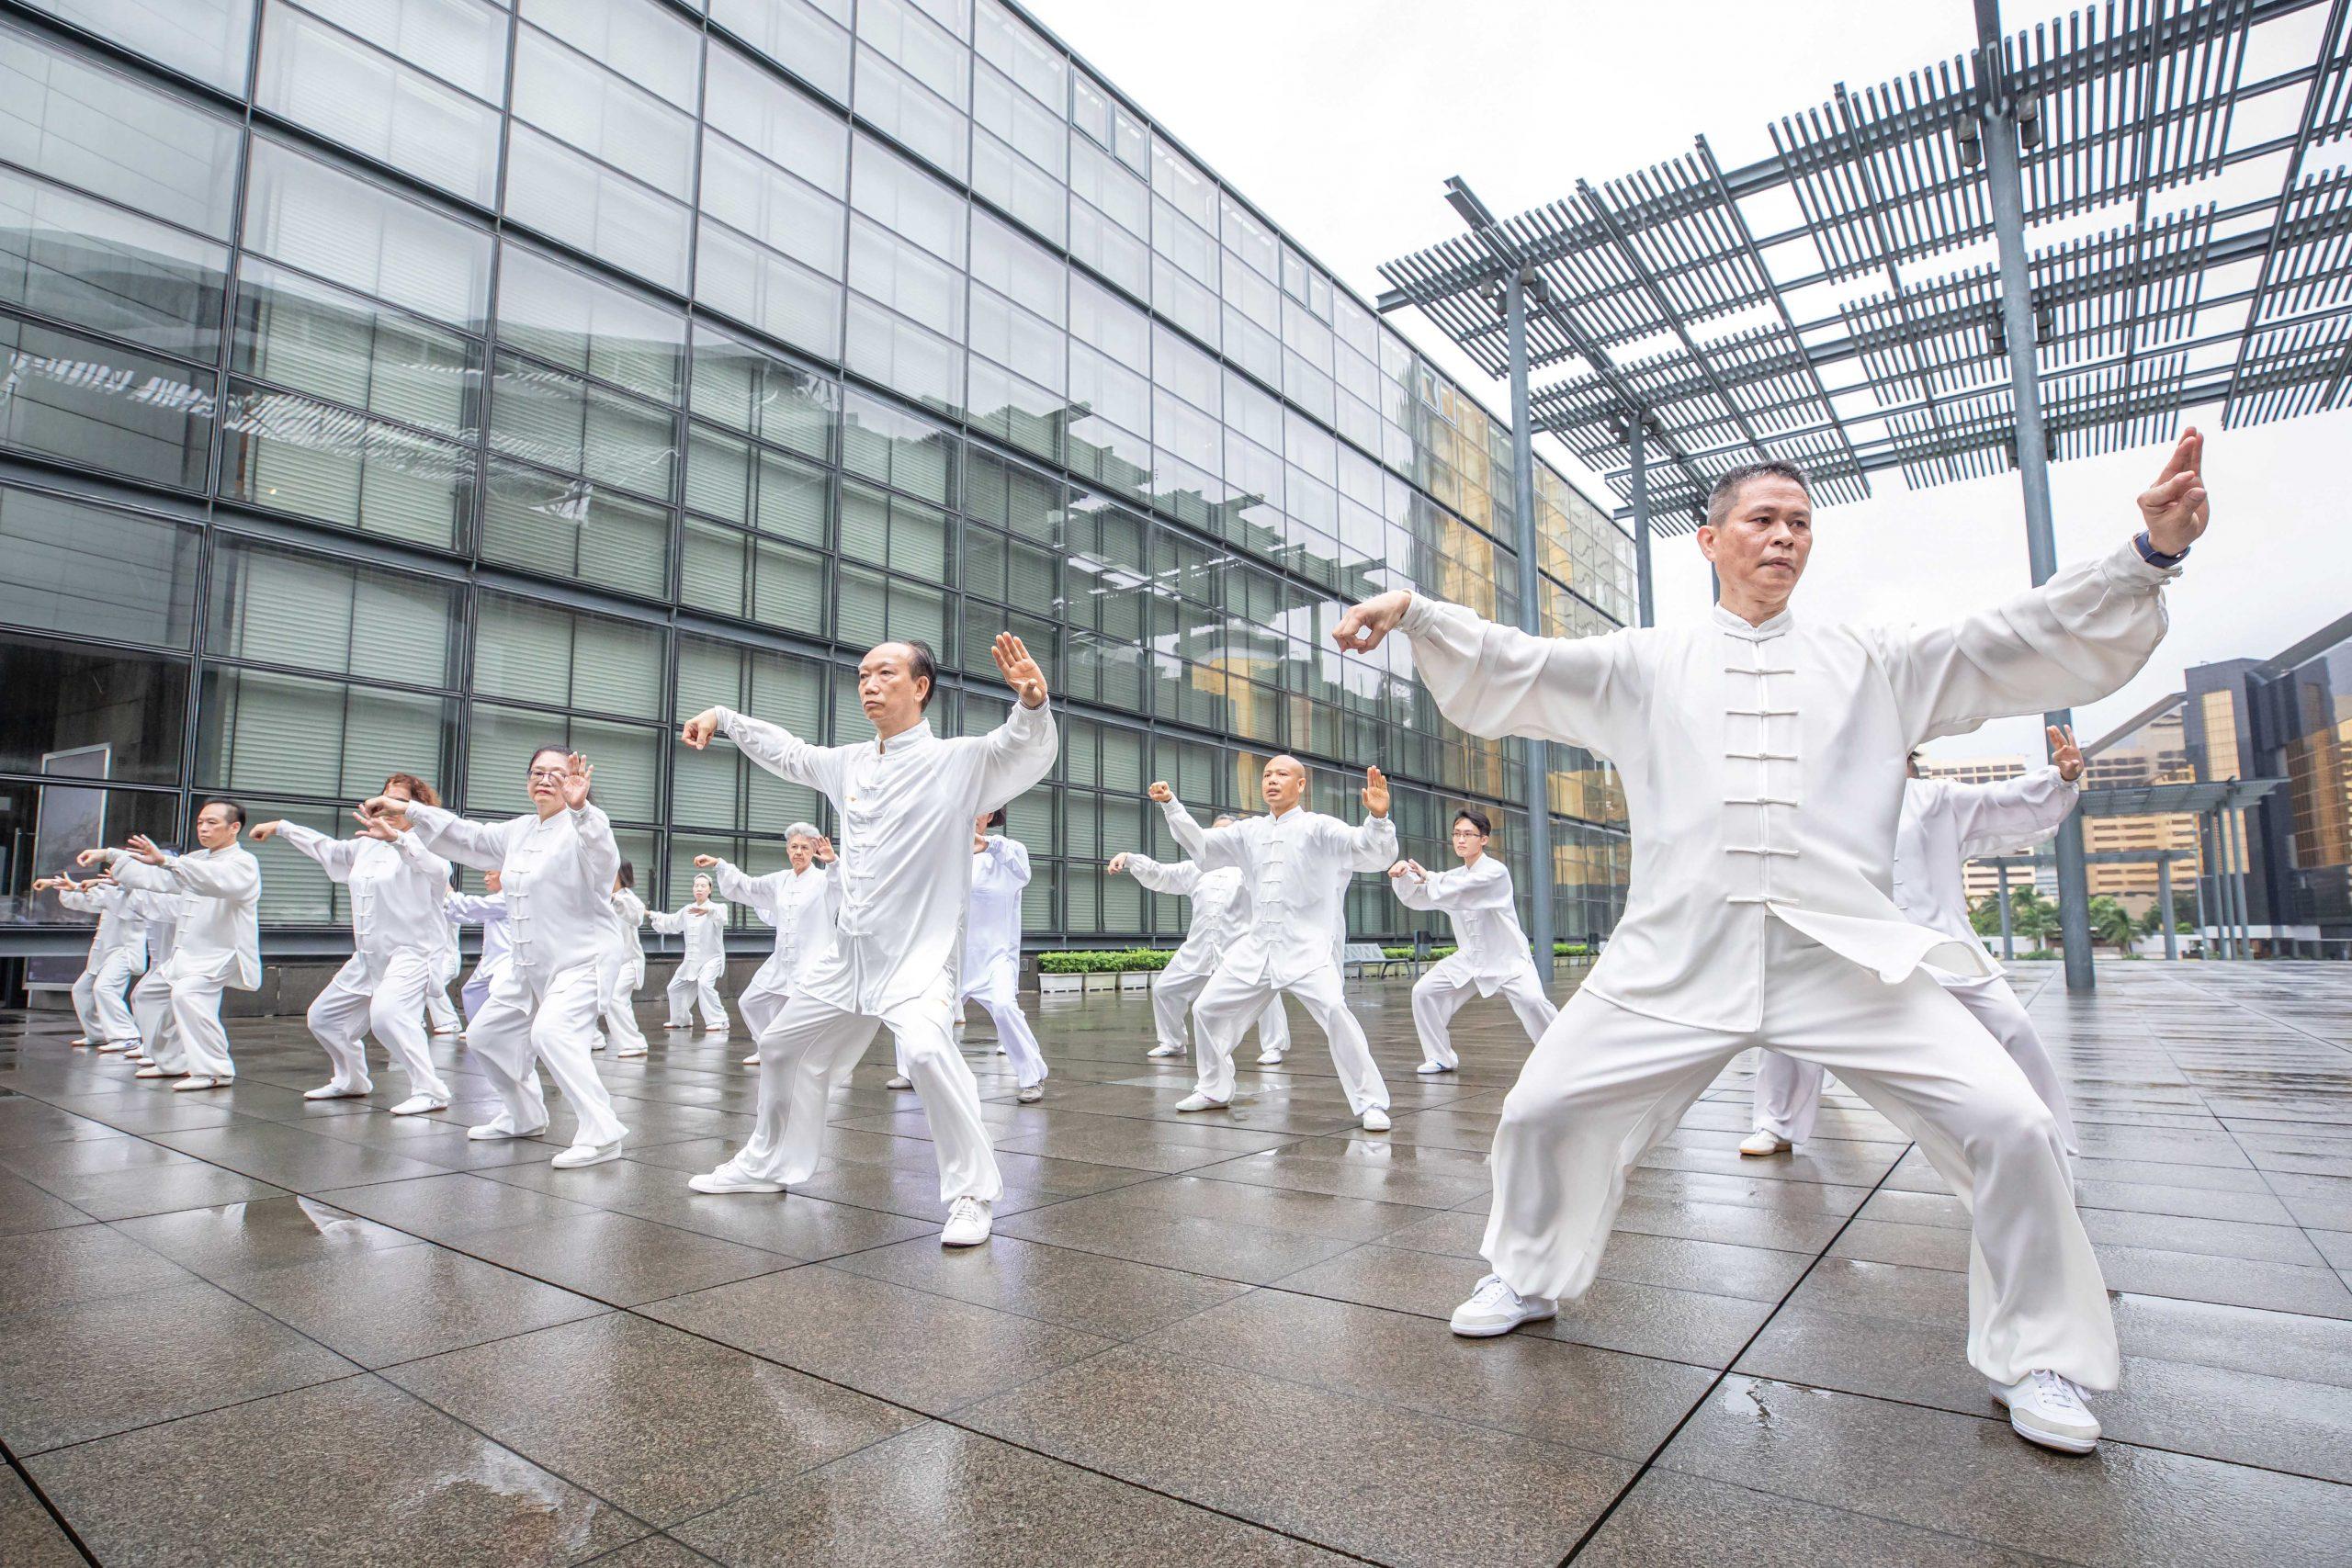 Tai Chi Martial Arts - Photo courtesy of the Cultural Affairs Bureau